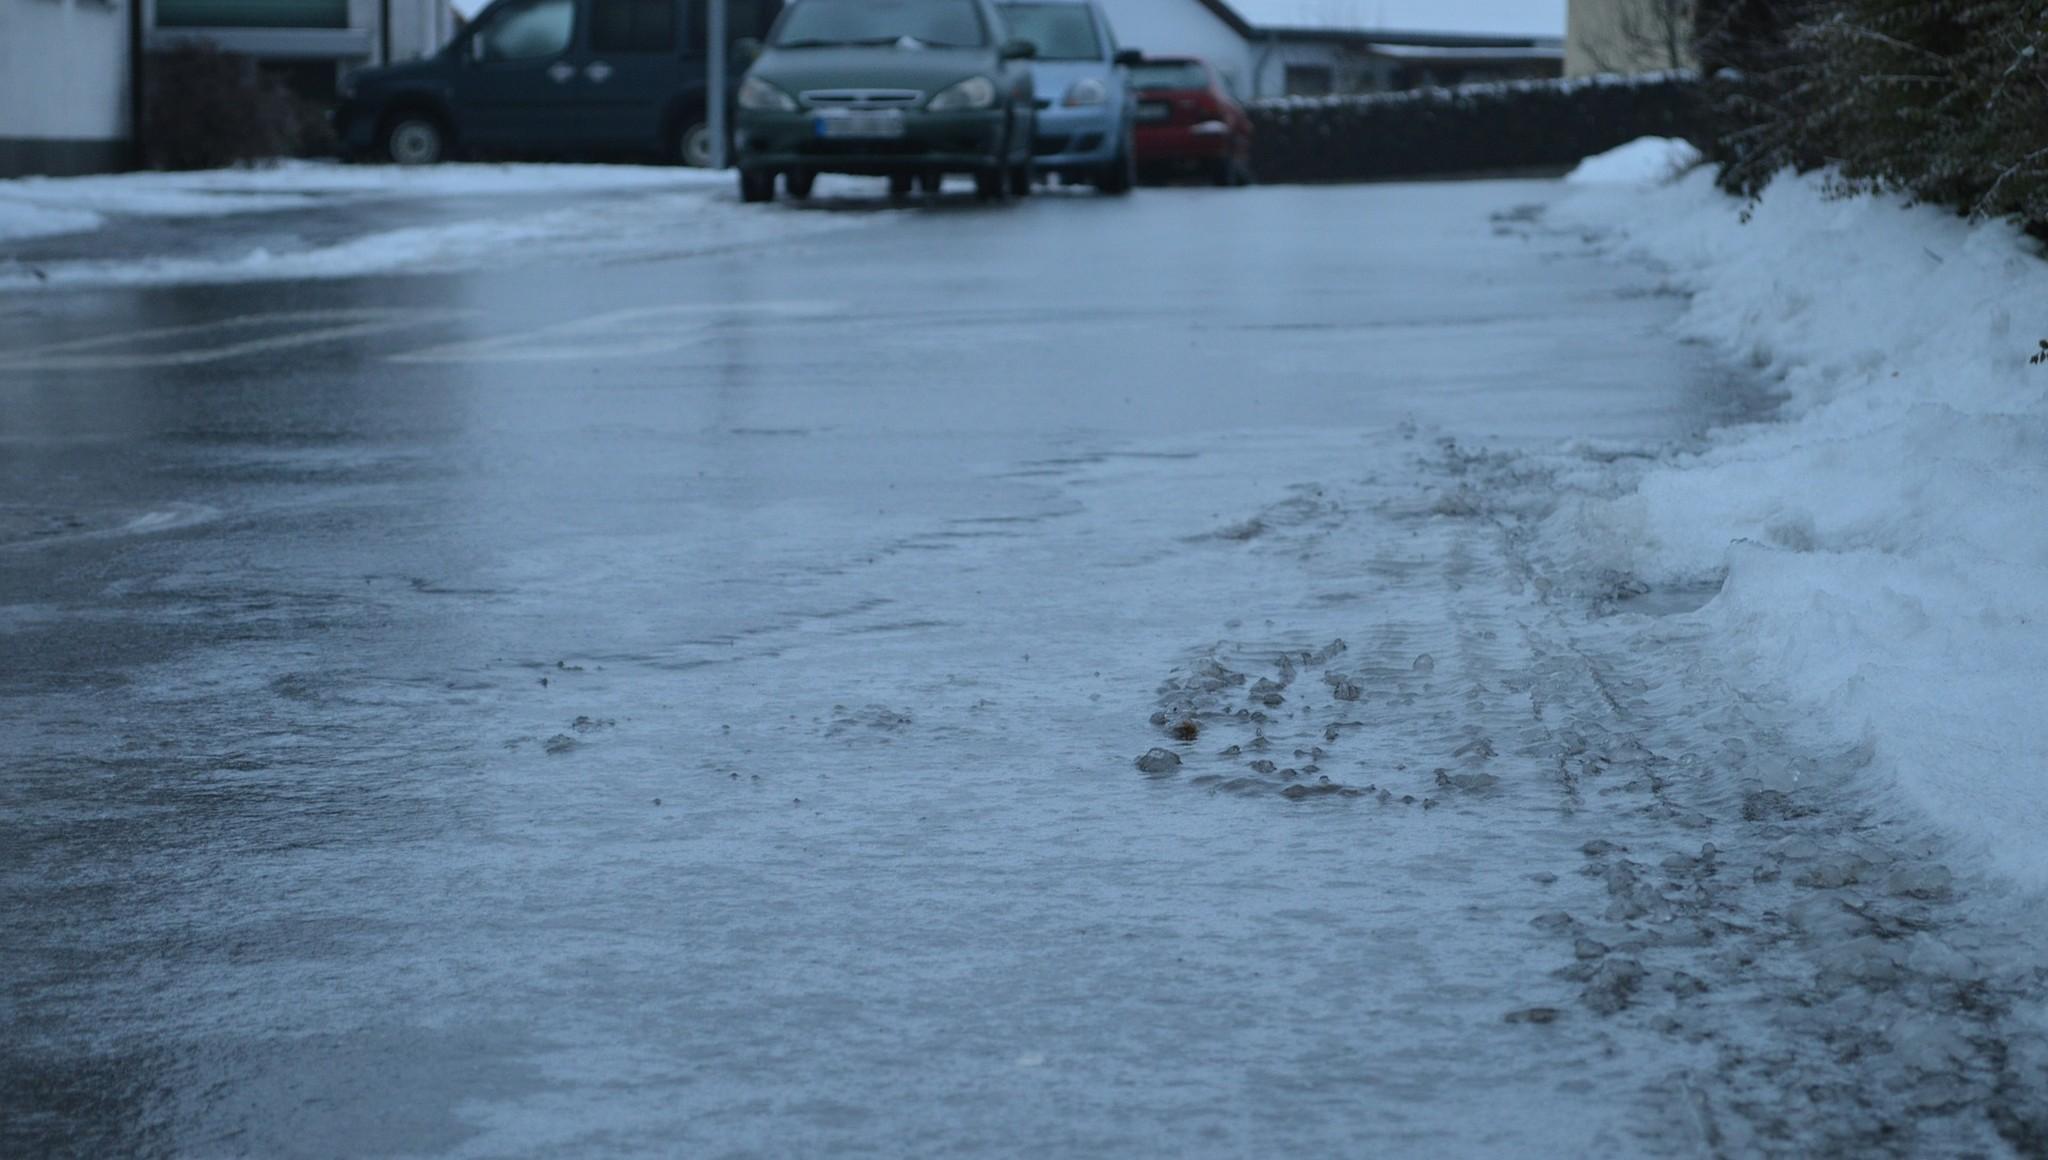 Директора УК в поселке Эммаусс под Тверью оштрафовали за лед и колеи во дворах - новости Афанасий